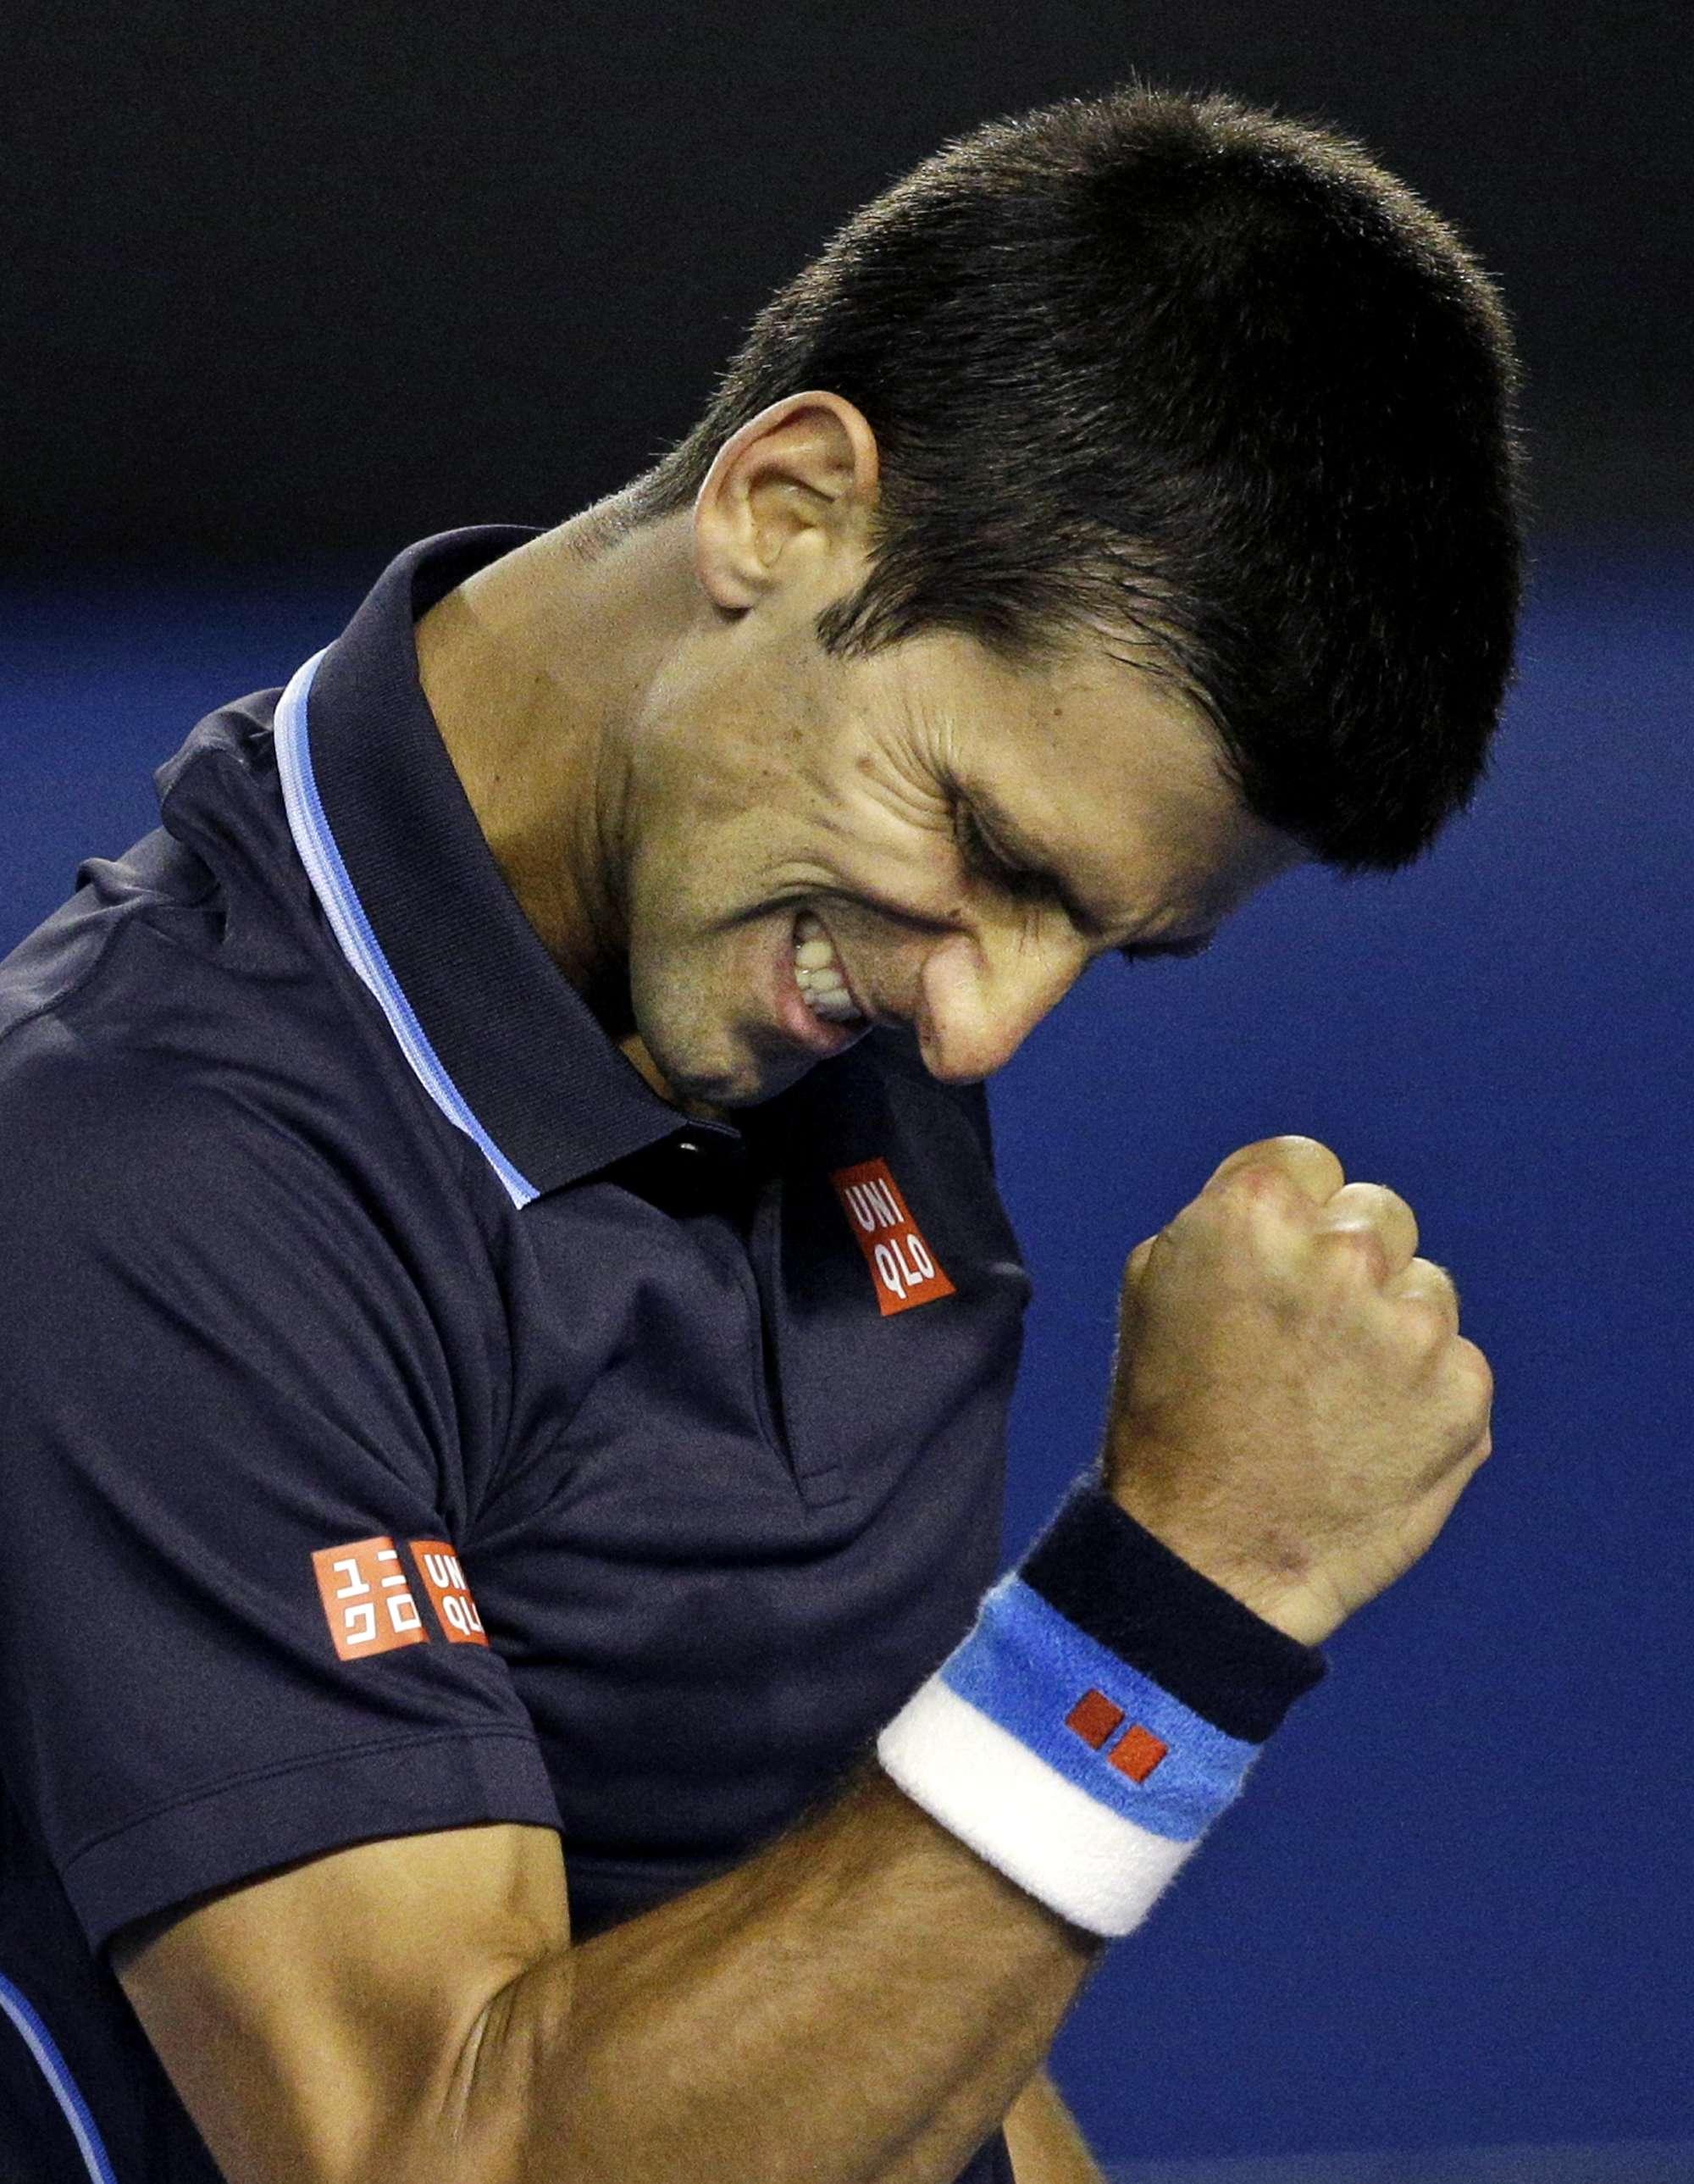 Novak Djokovic festeja su triunfo ante el español Fernando Verdasco quien dio un gran primer set Foto: AP